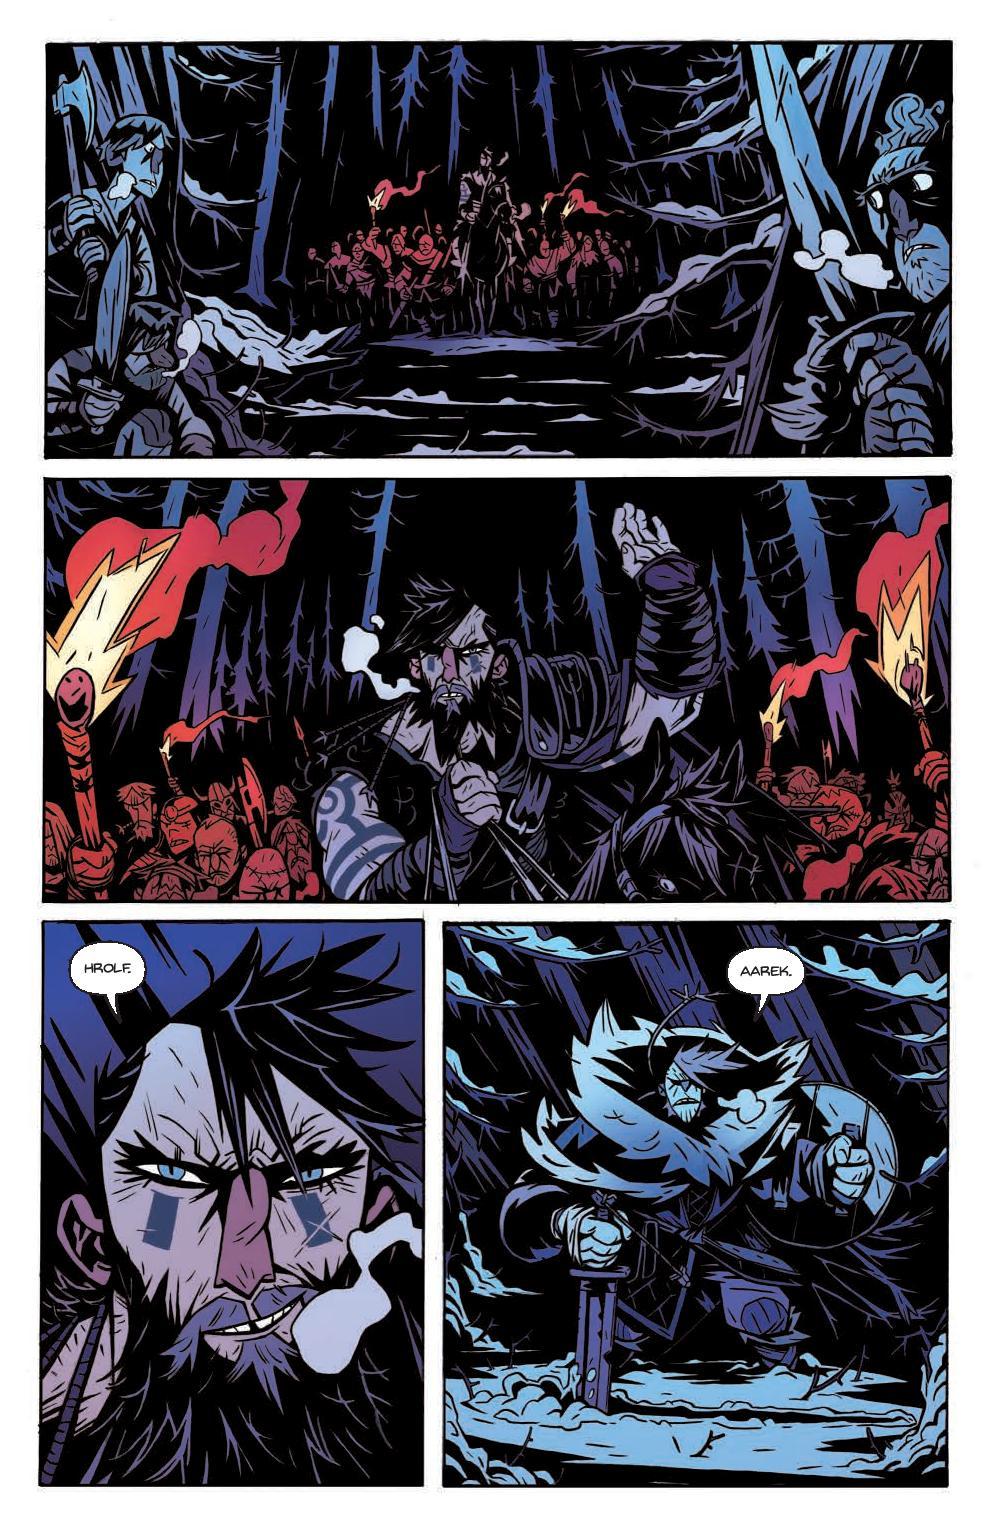 SpiderKing_01-pr-page-007